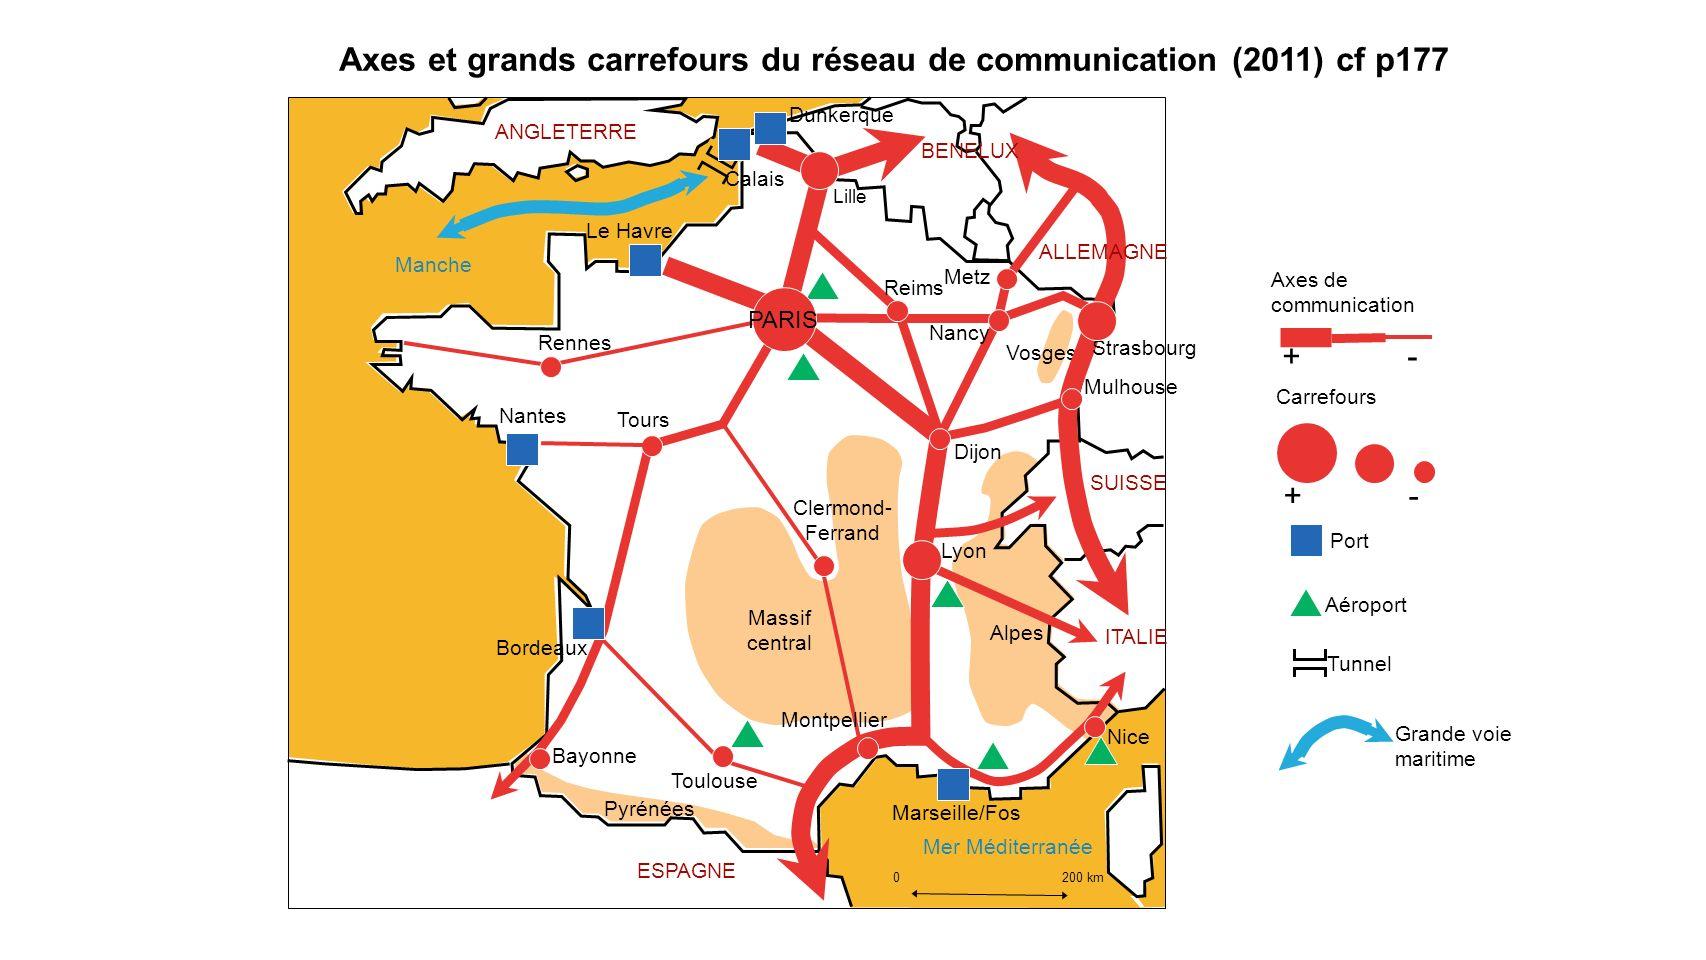 Axes et grands carrefours du réseau de communication (2011) cf p177